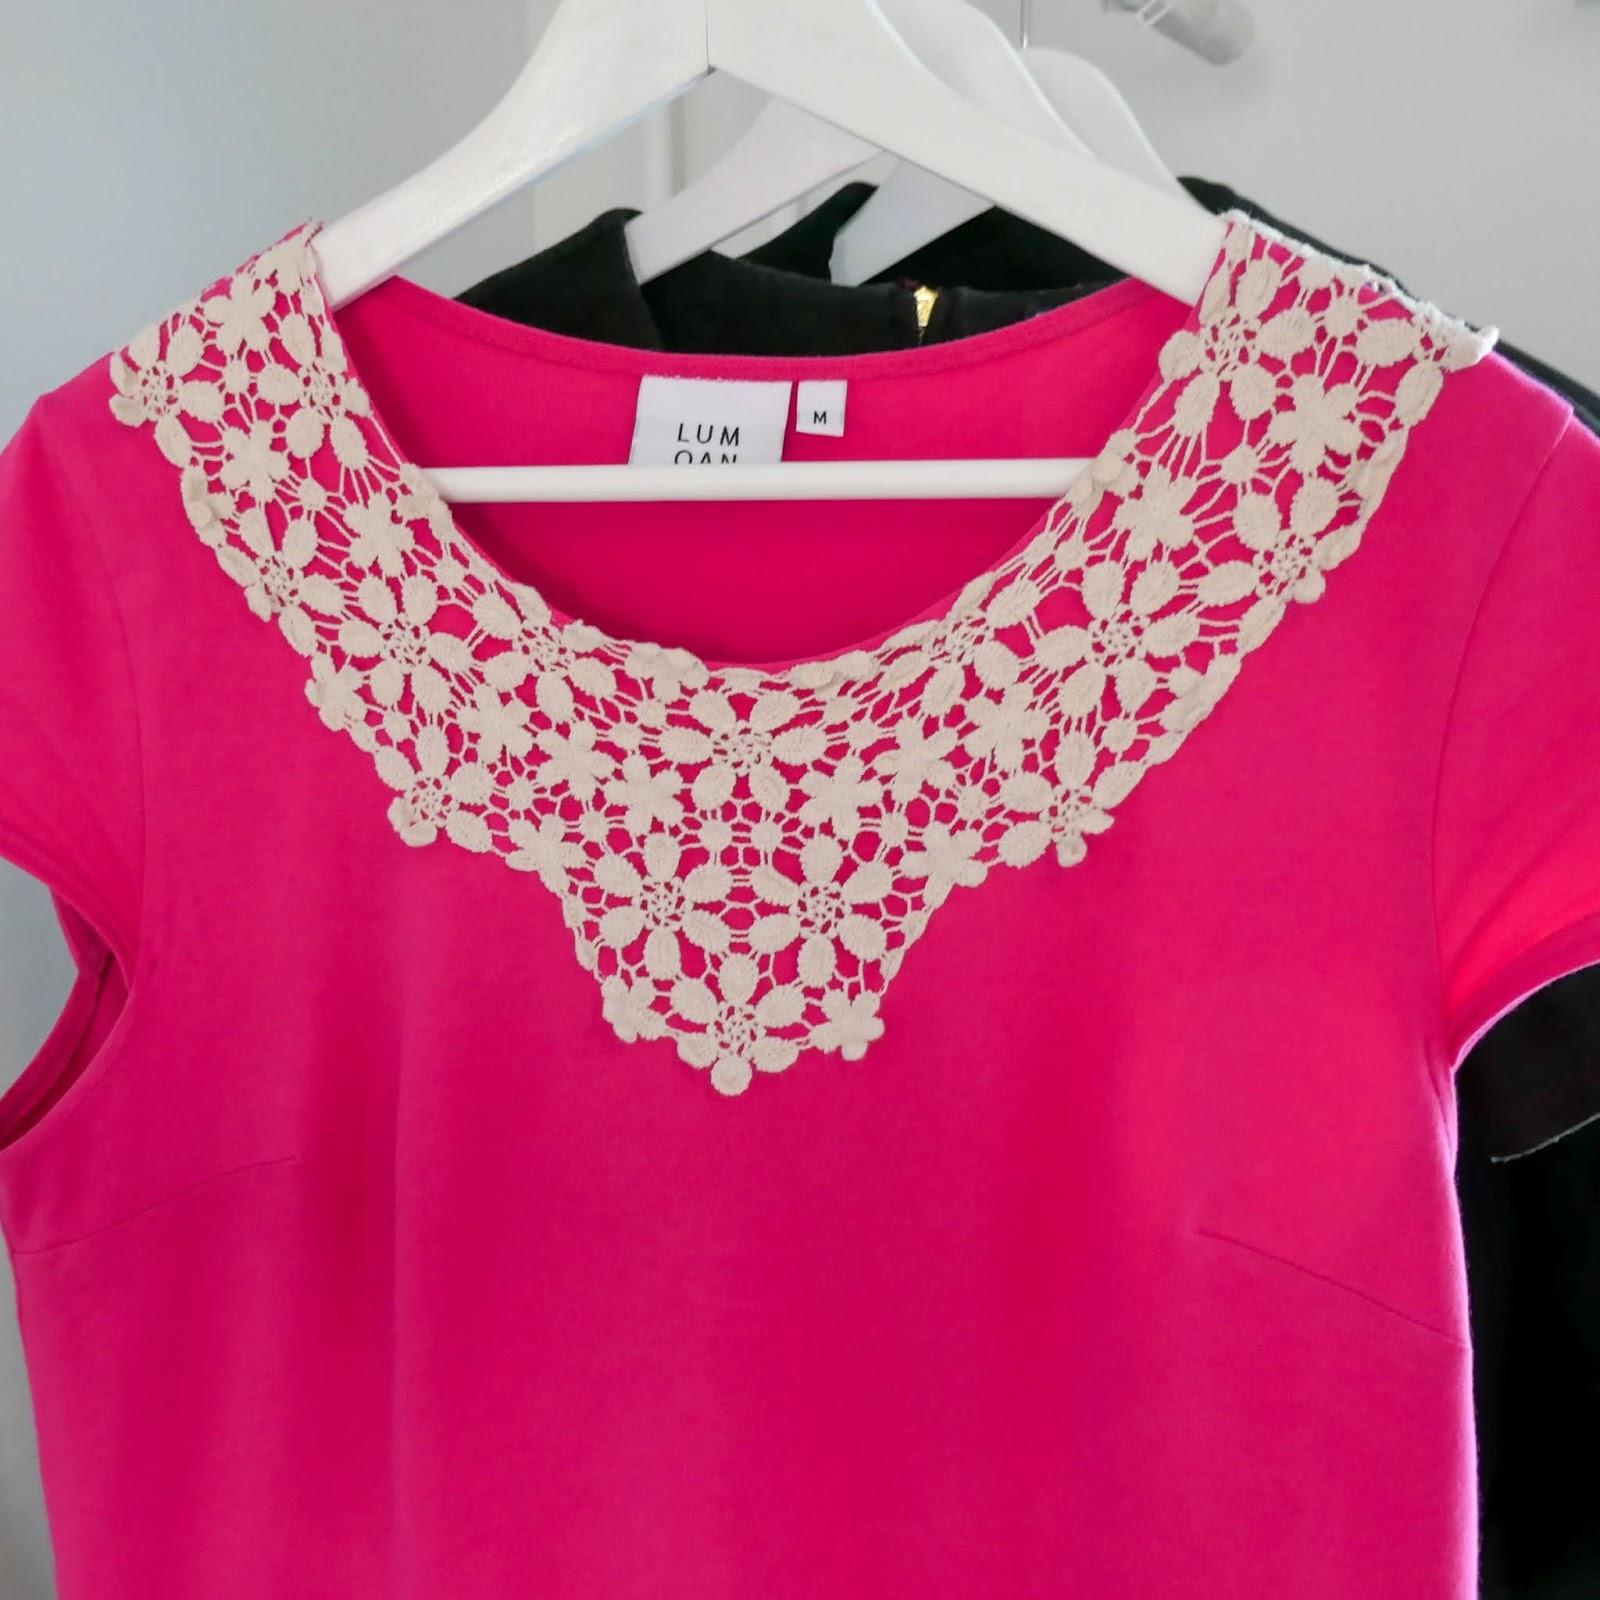 Lumoa mekko pinkki